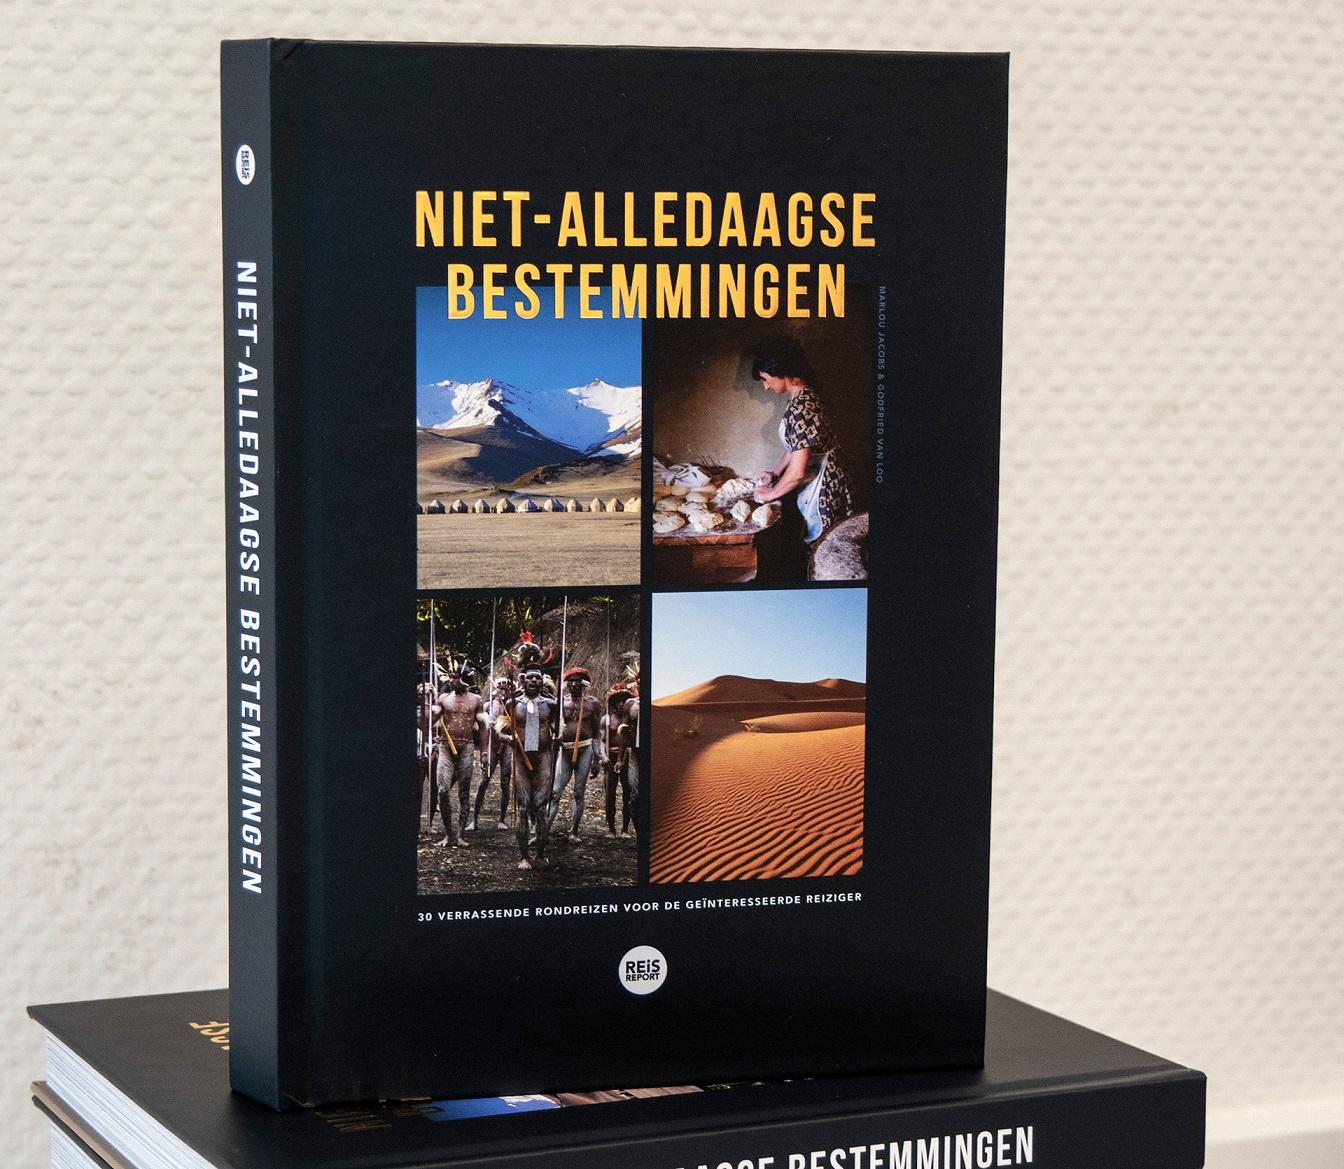 Niet-Alledaagse Bestemmingen 9789082974584 Marlou Jacobs & Godfried van Loo REiSREPORT   Reisgidsen Wereld als geheel